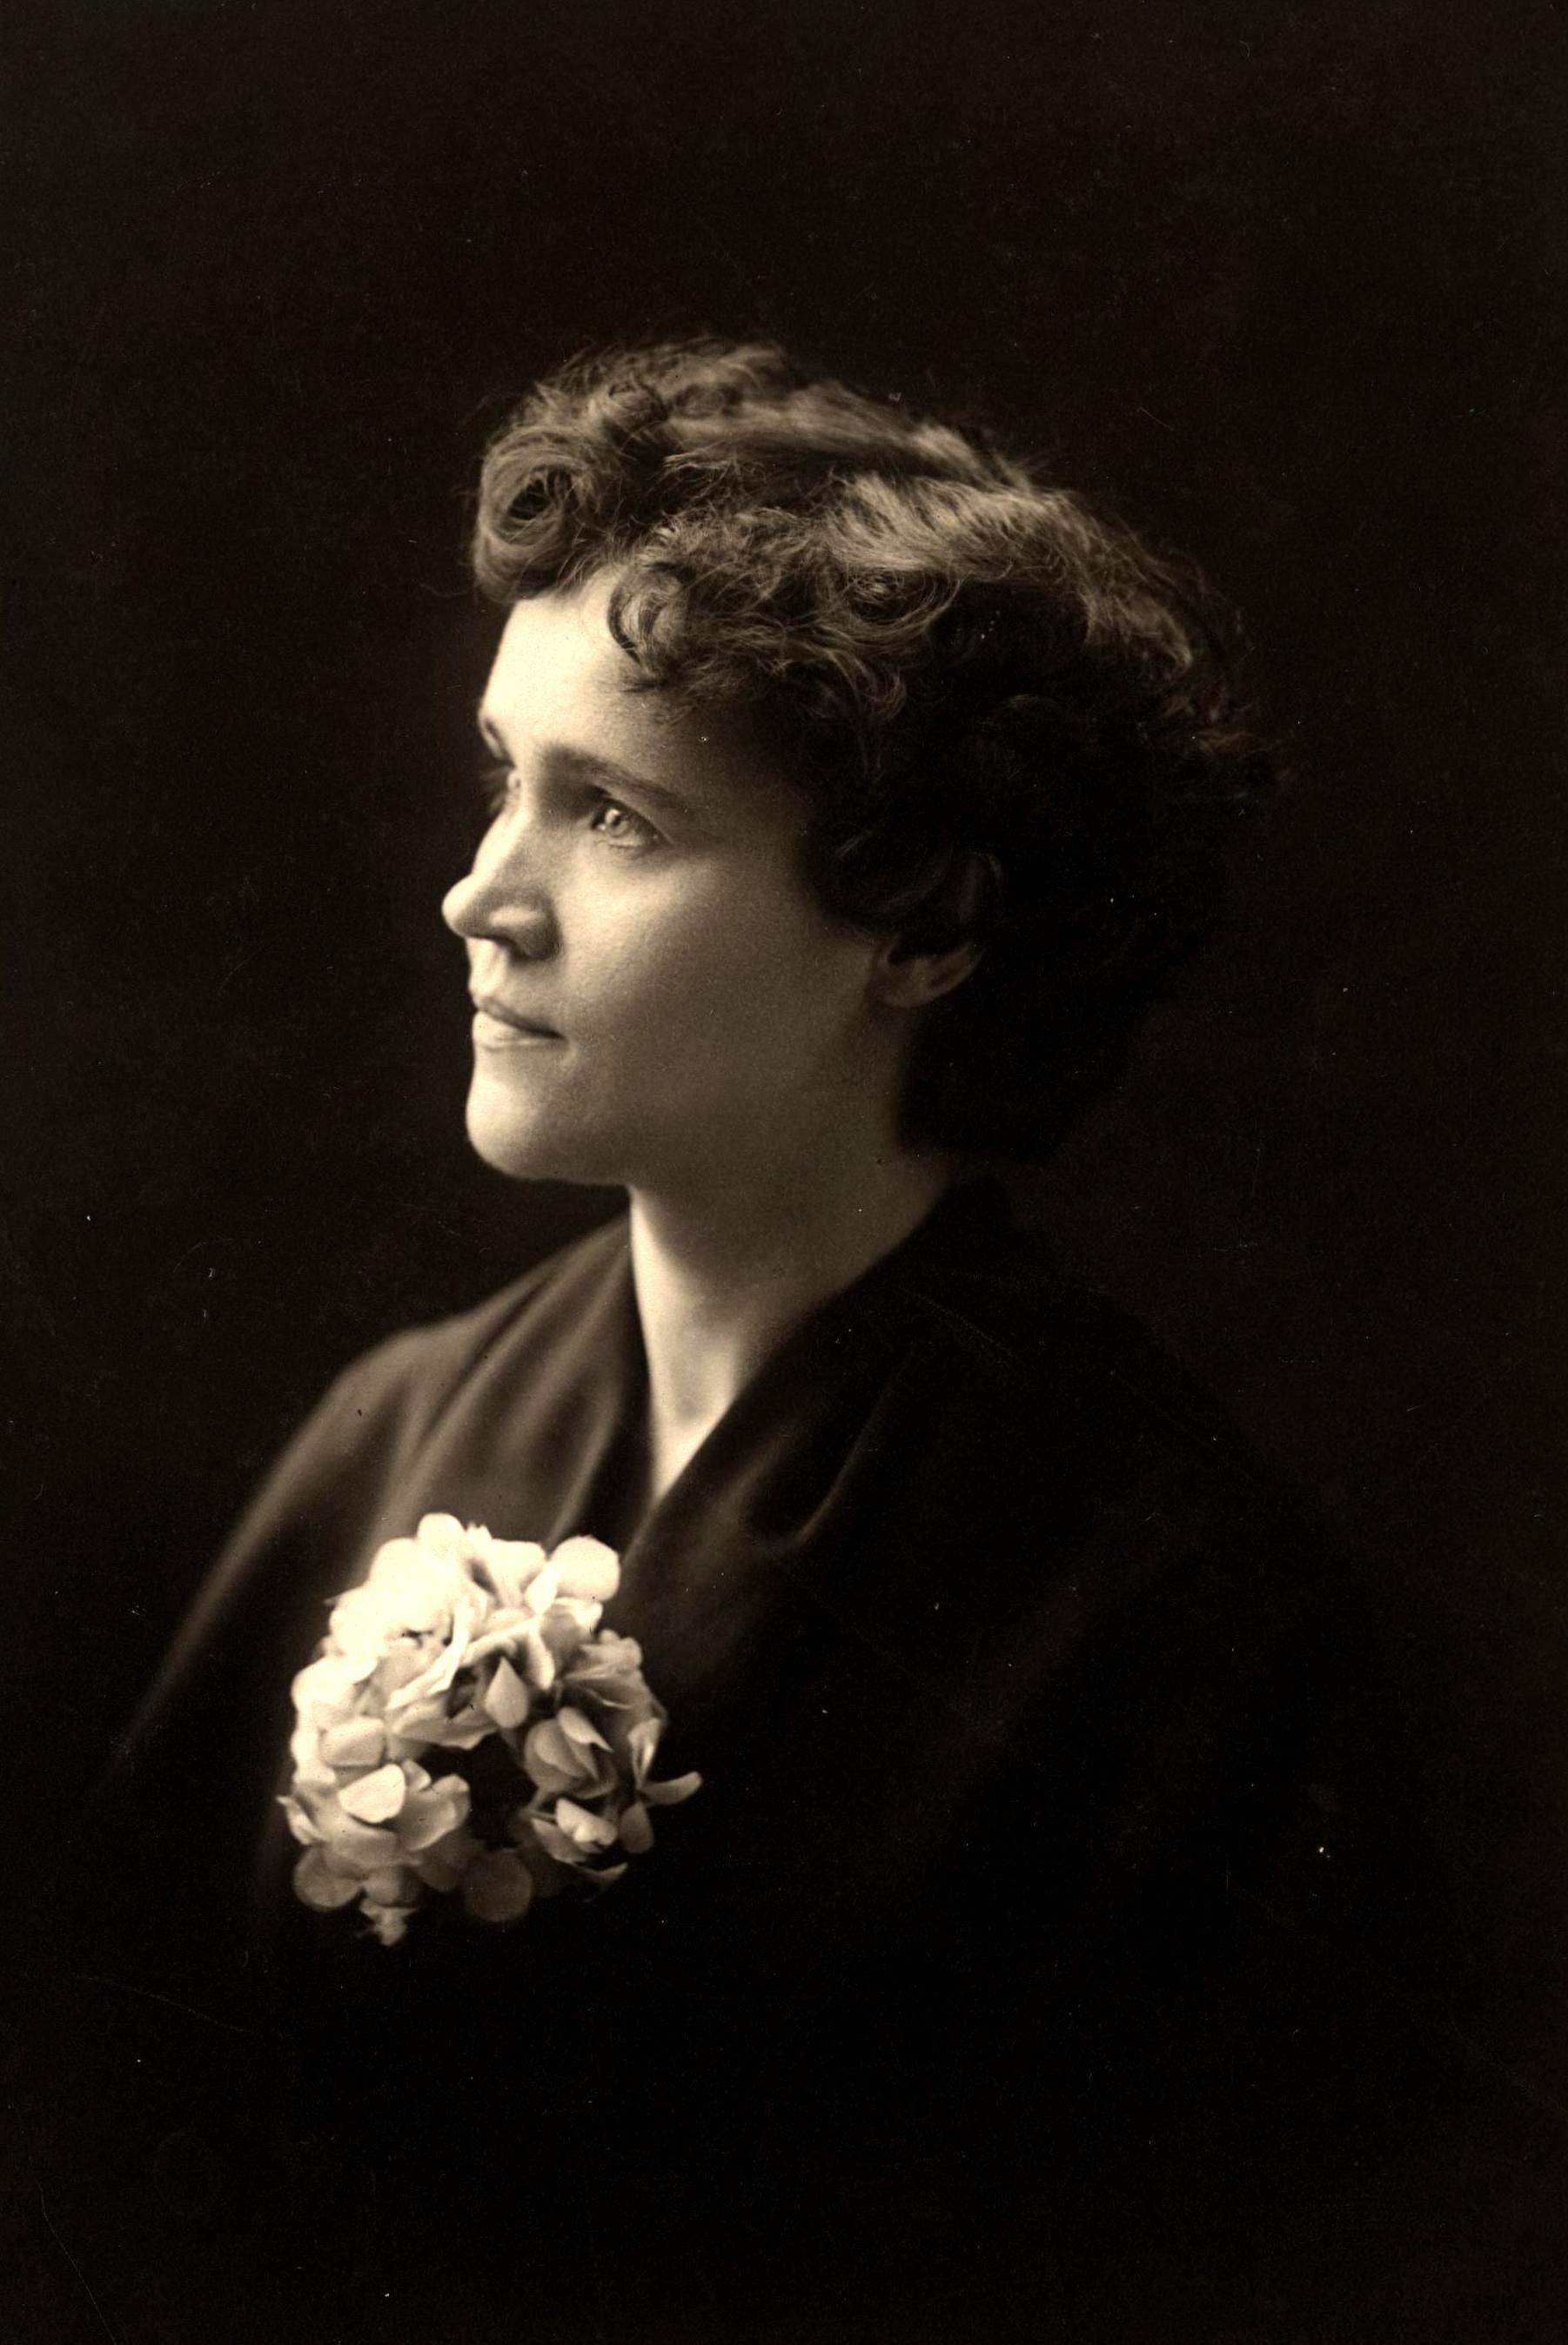 Voltairine de Cleyre fotografiada per Herbert Bridle (Filadèlfia, 1901)